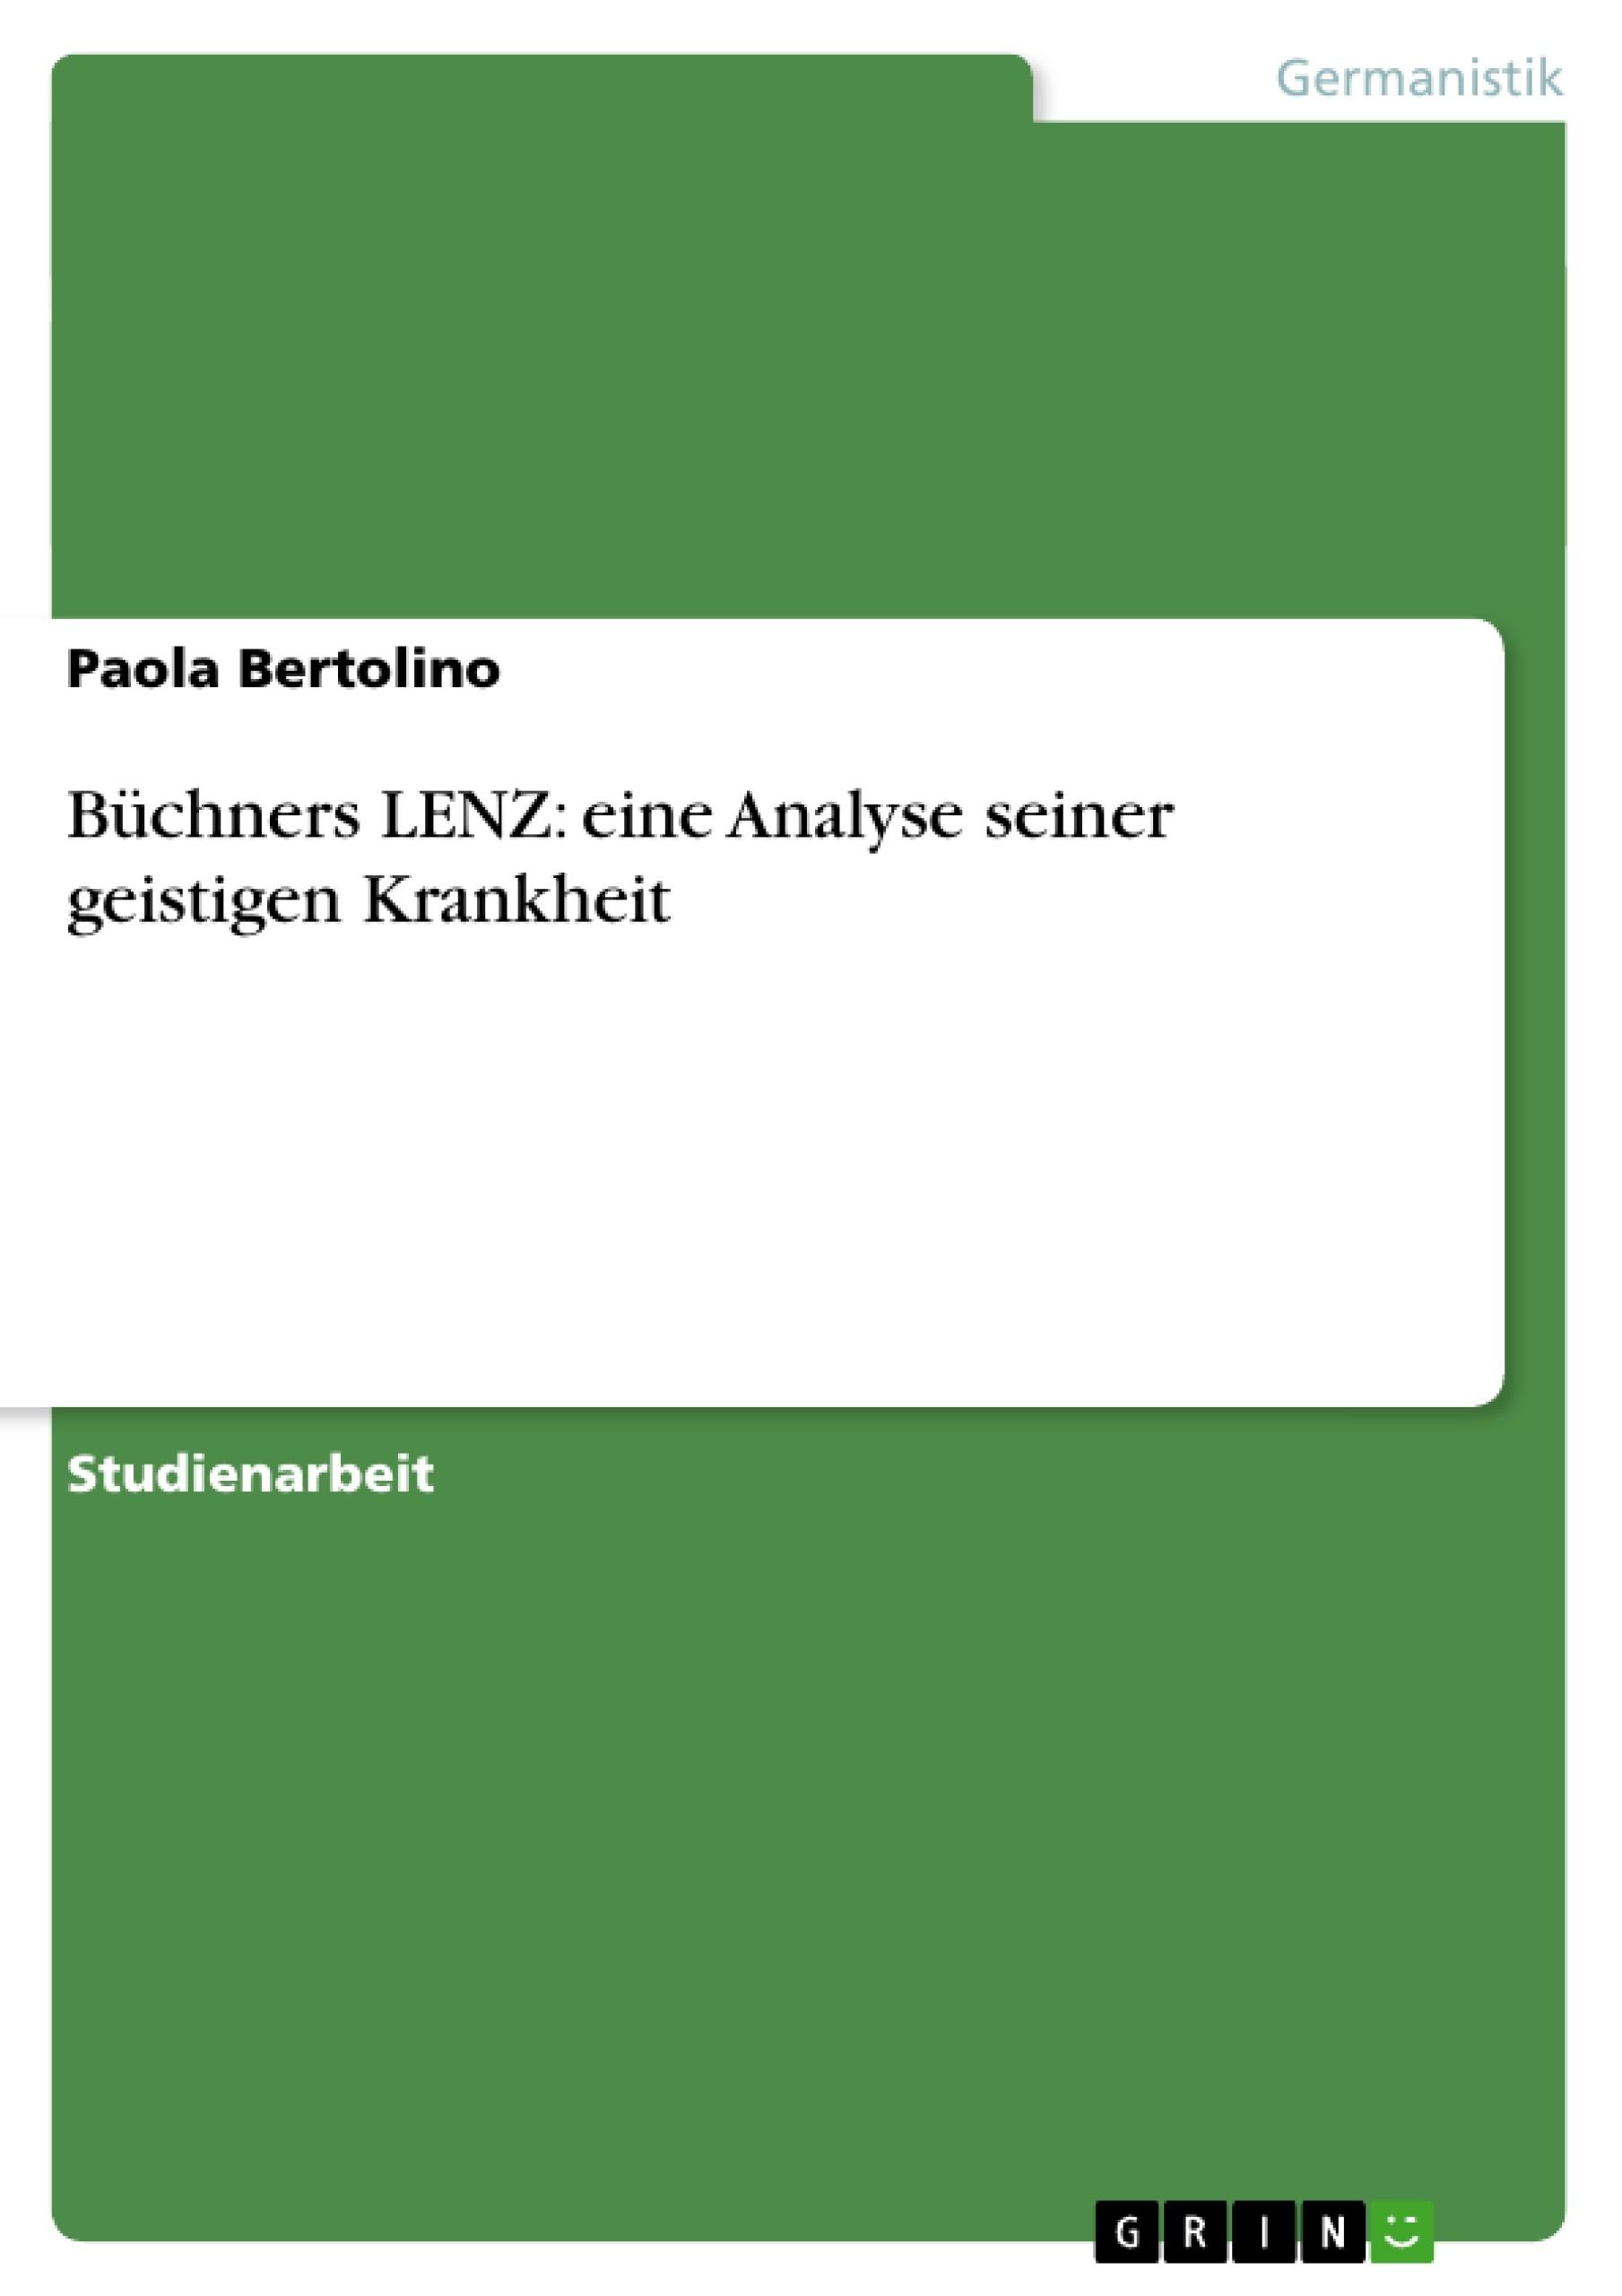 Titel: Büchners LENZ: eine Analyse seiner geistigen Krankheit